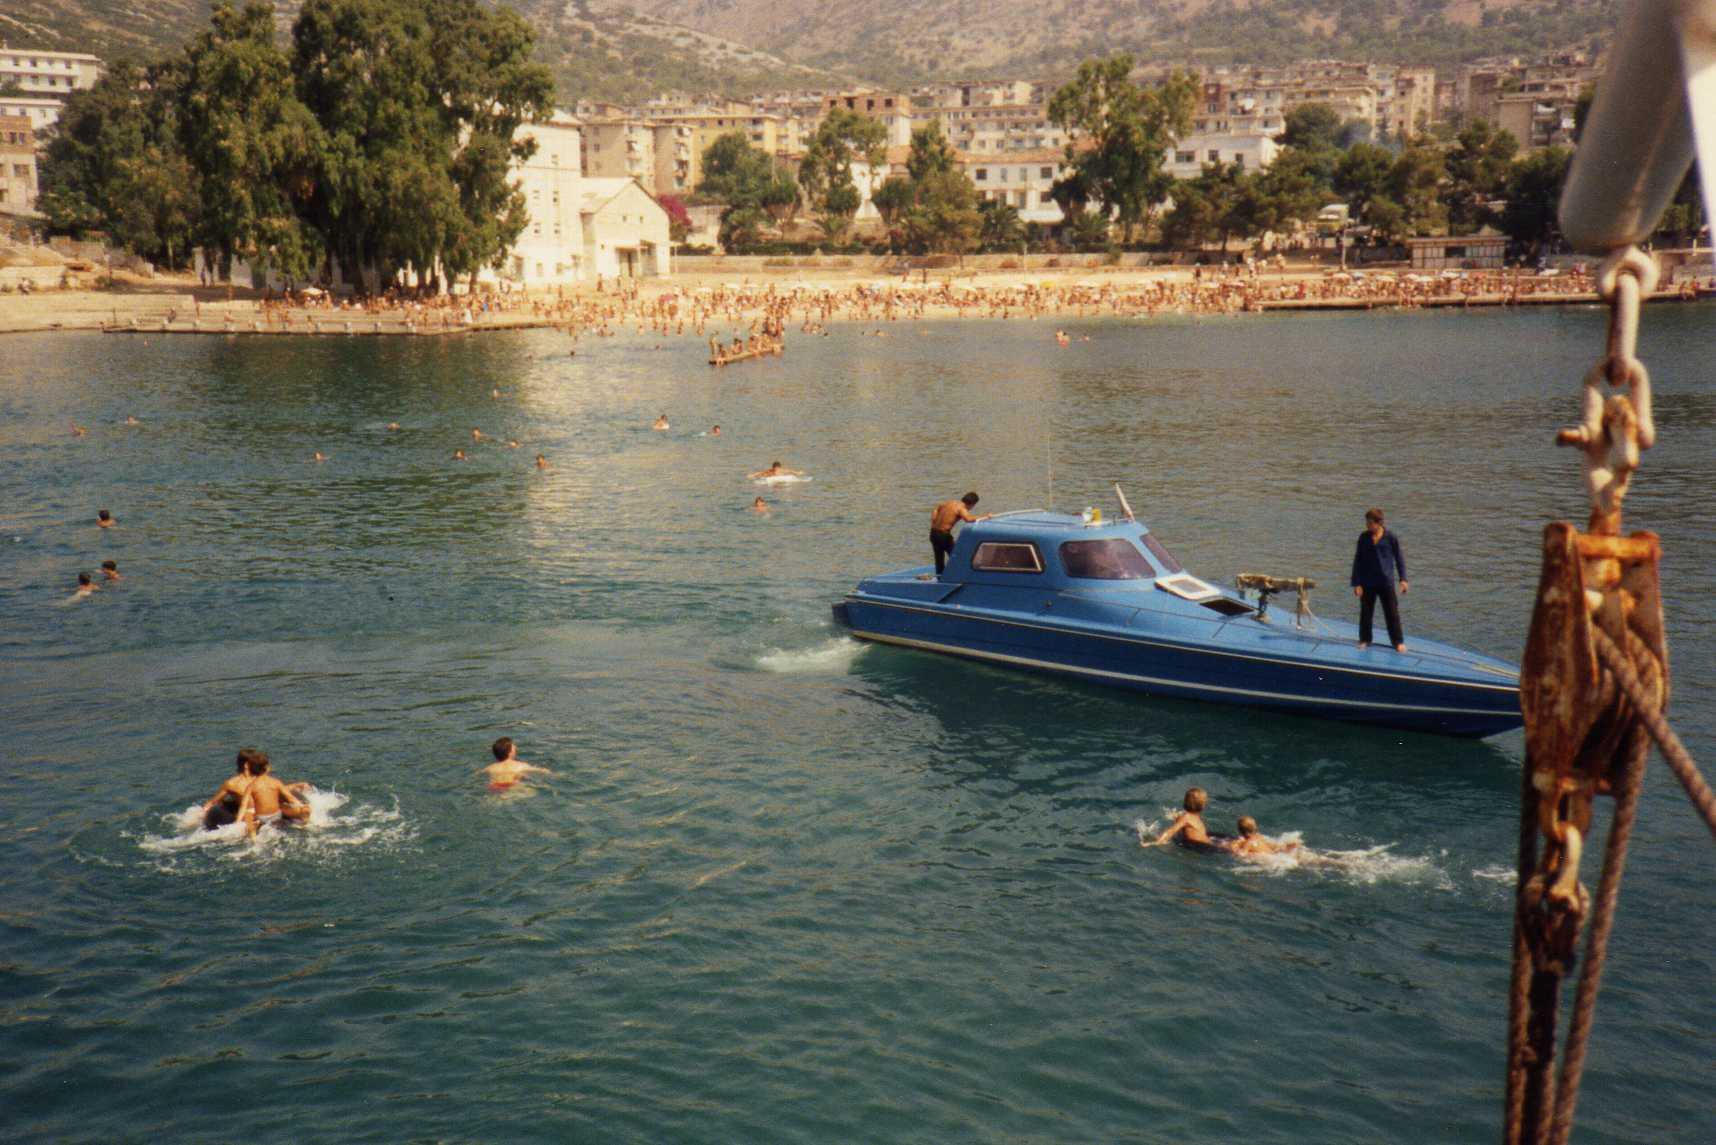 Катер тайной полиции Сигурими в Саранде, недалеко от границы с Грецией